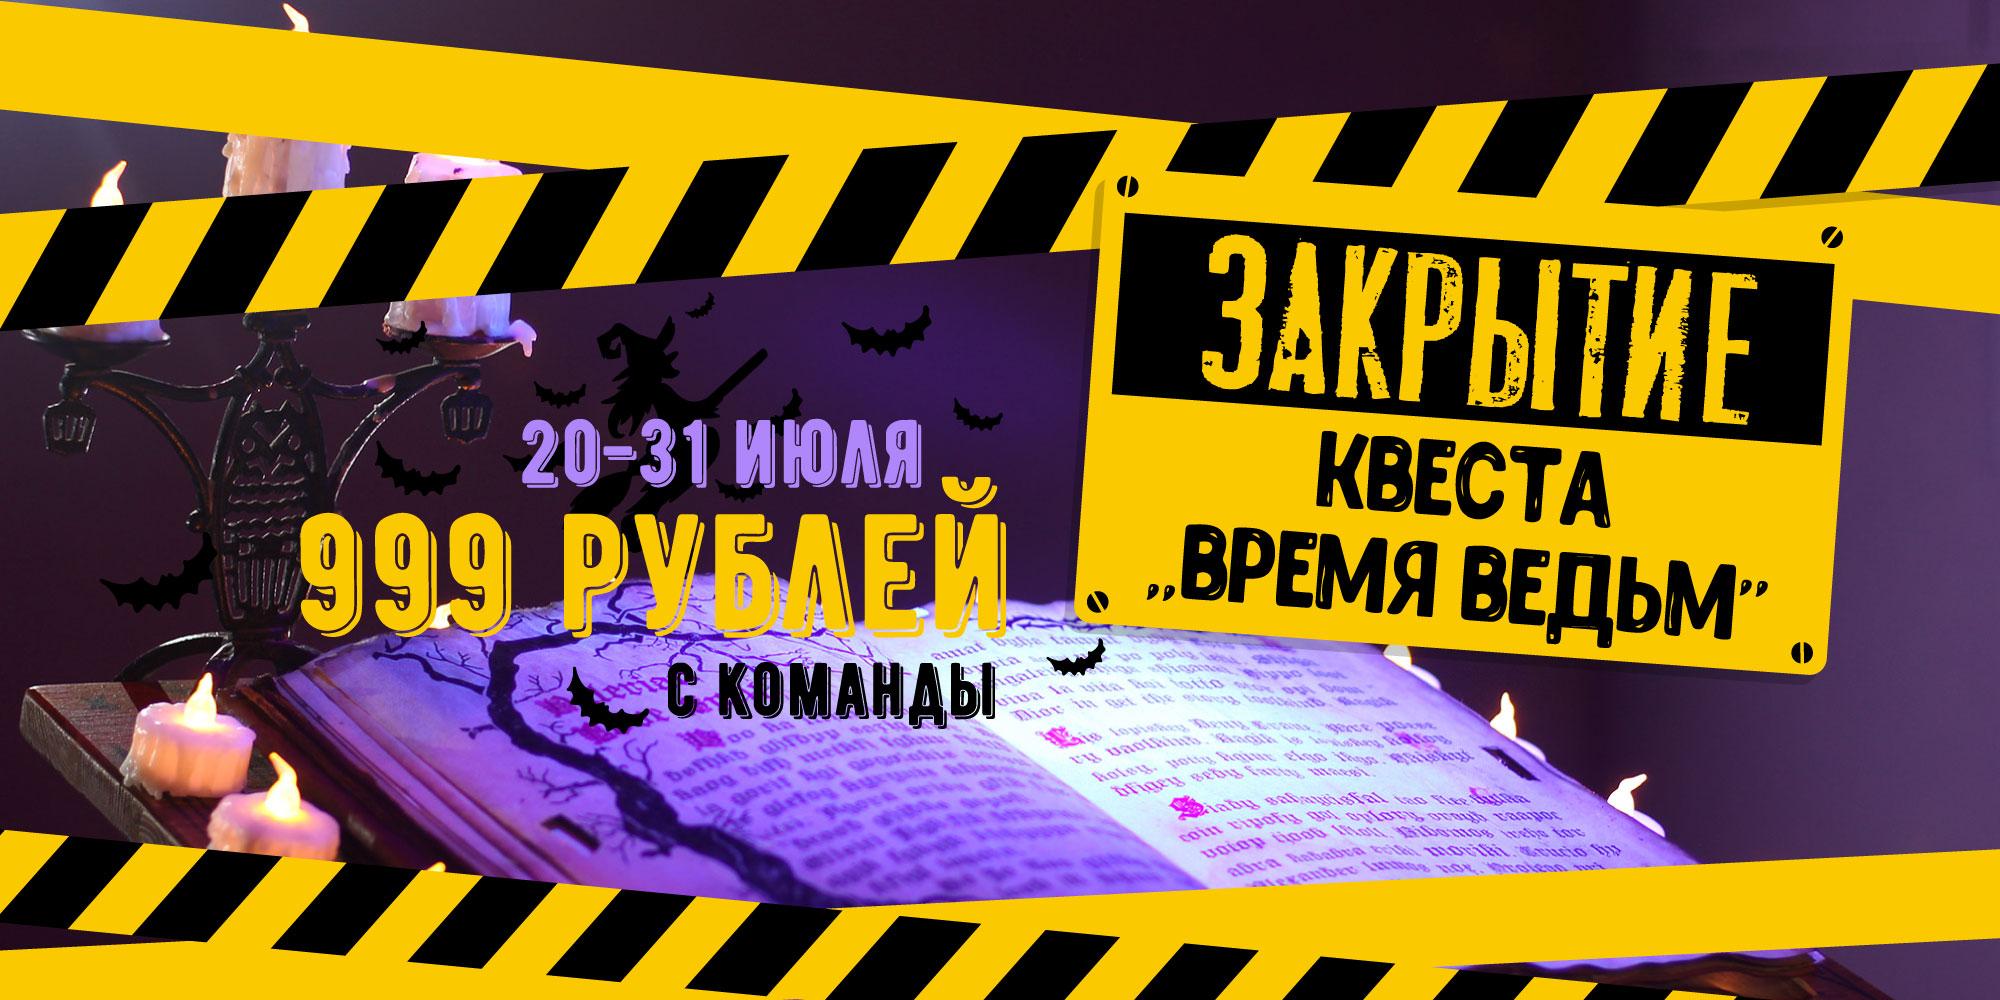 Vremya_vedm-2000-1000